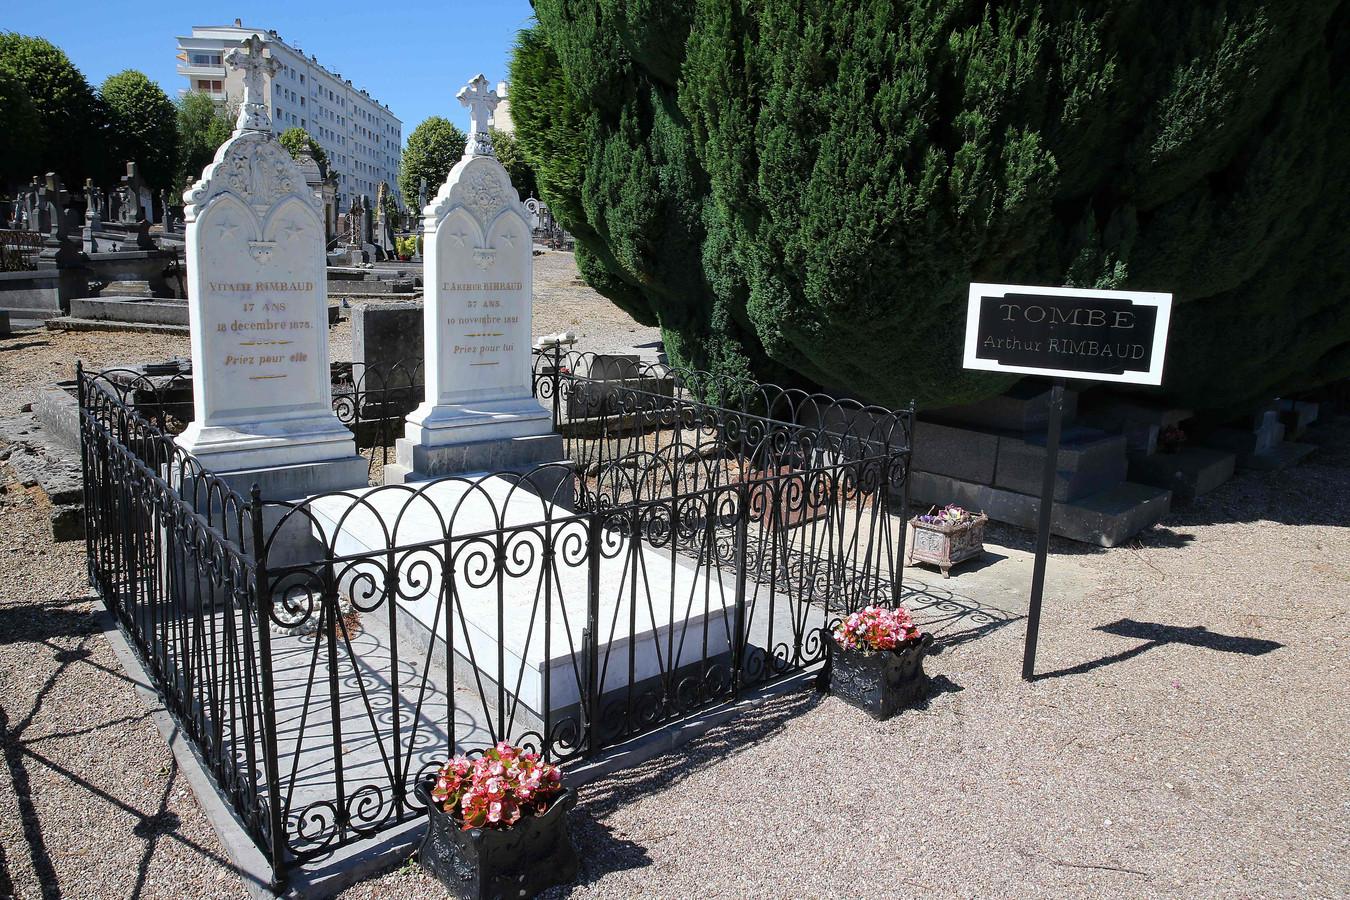 La tombe de Rimbaud au Cimetière de l'Ouest, Charleville-Mézières